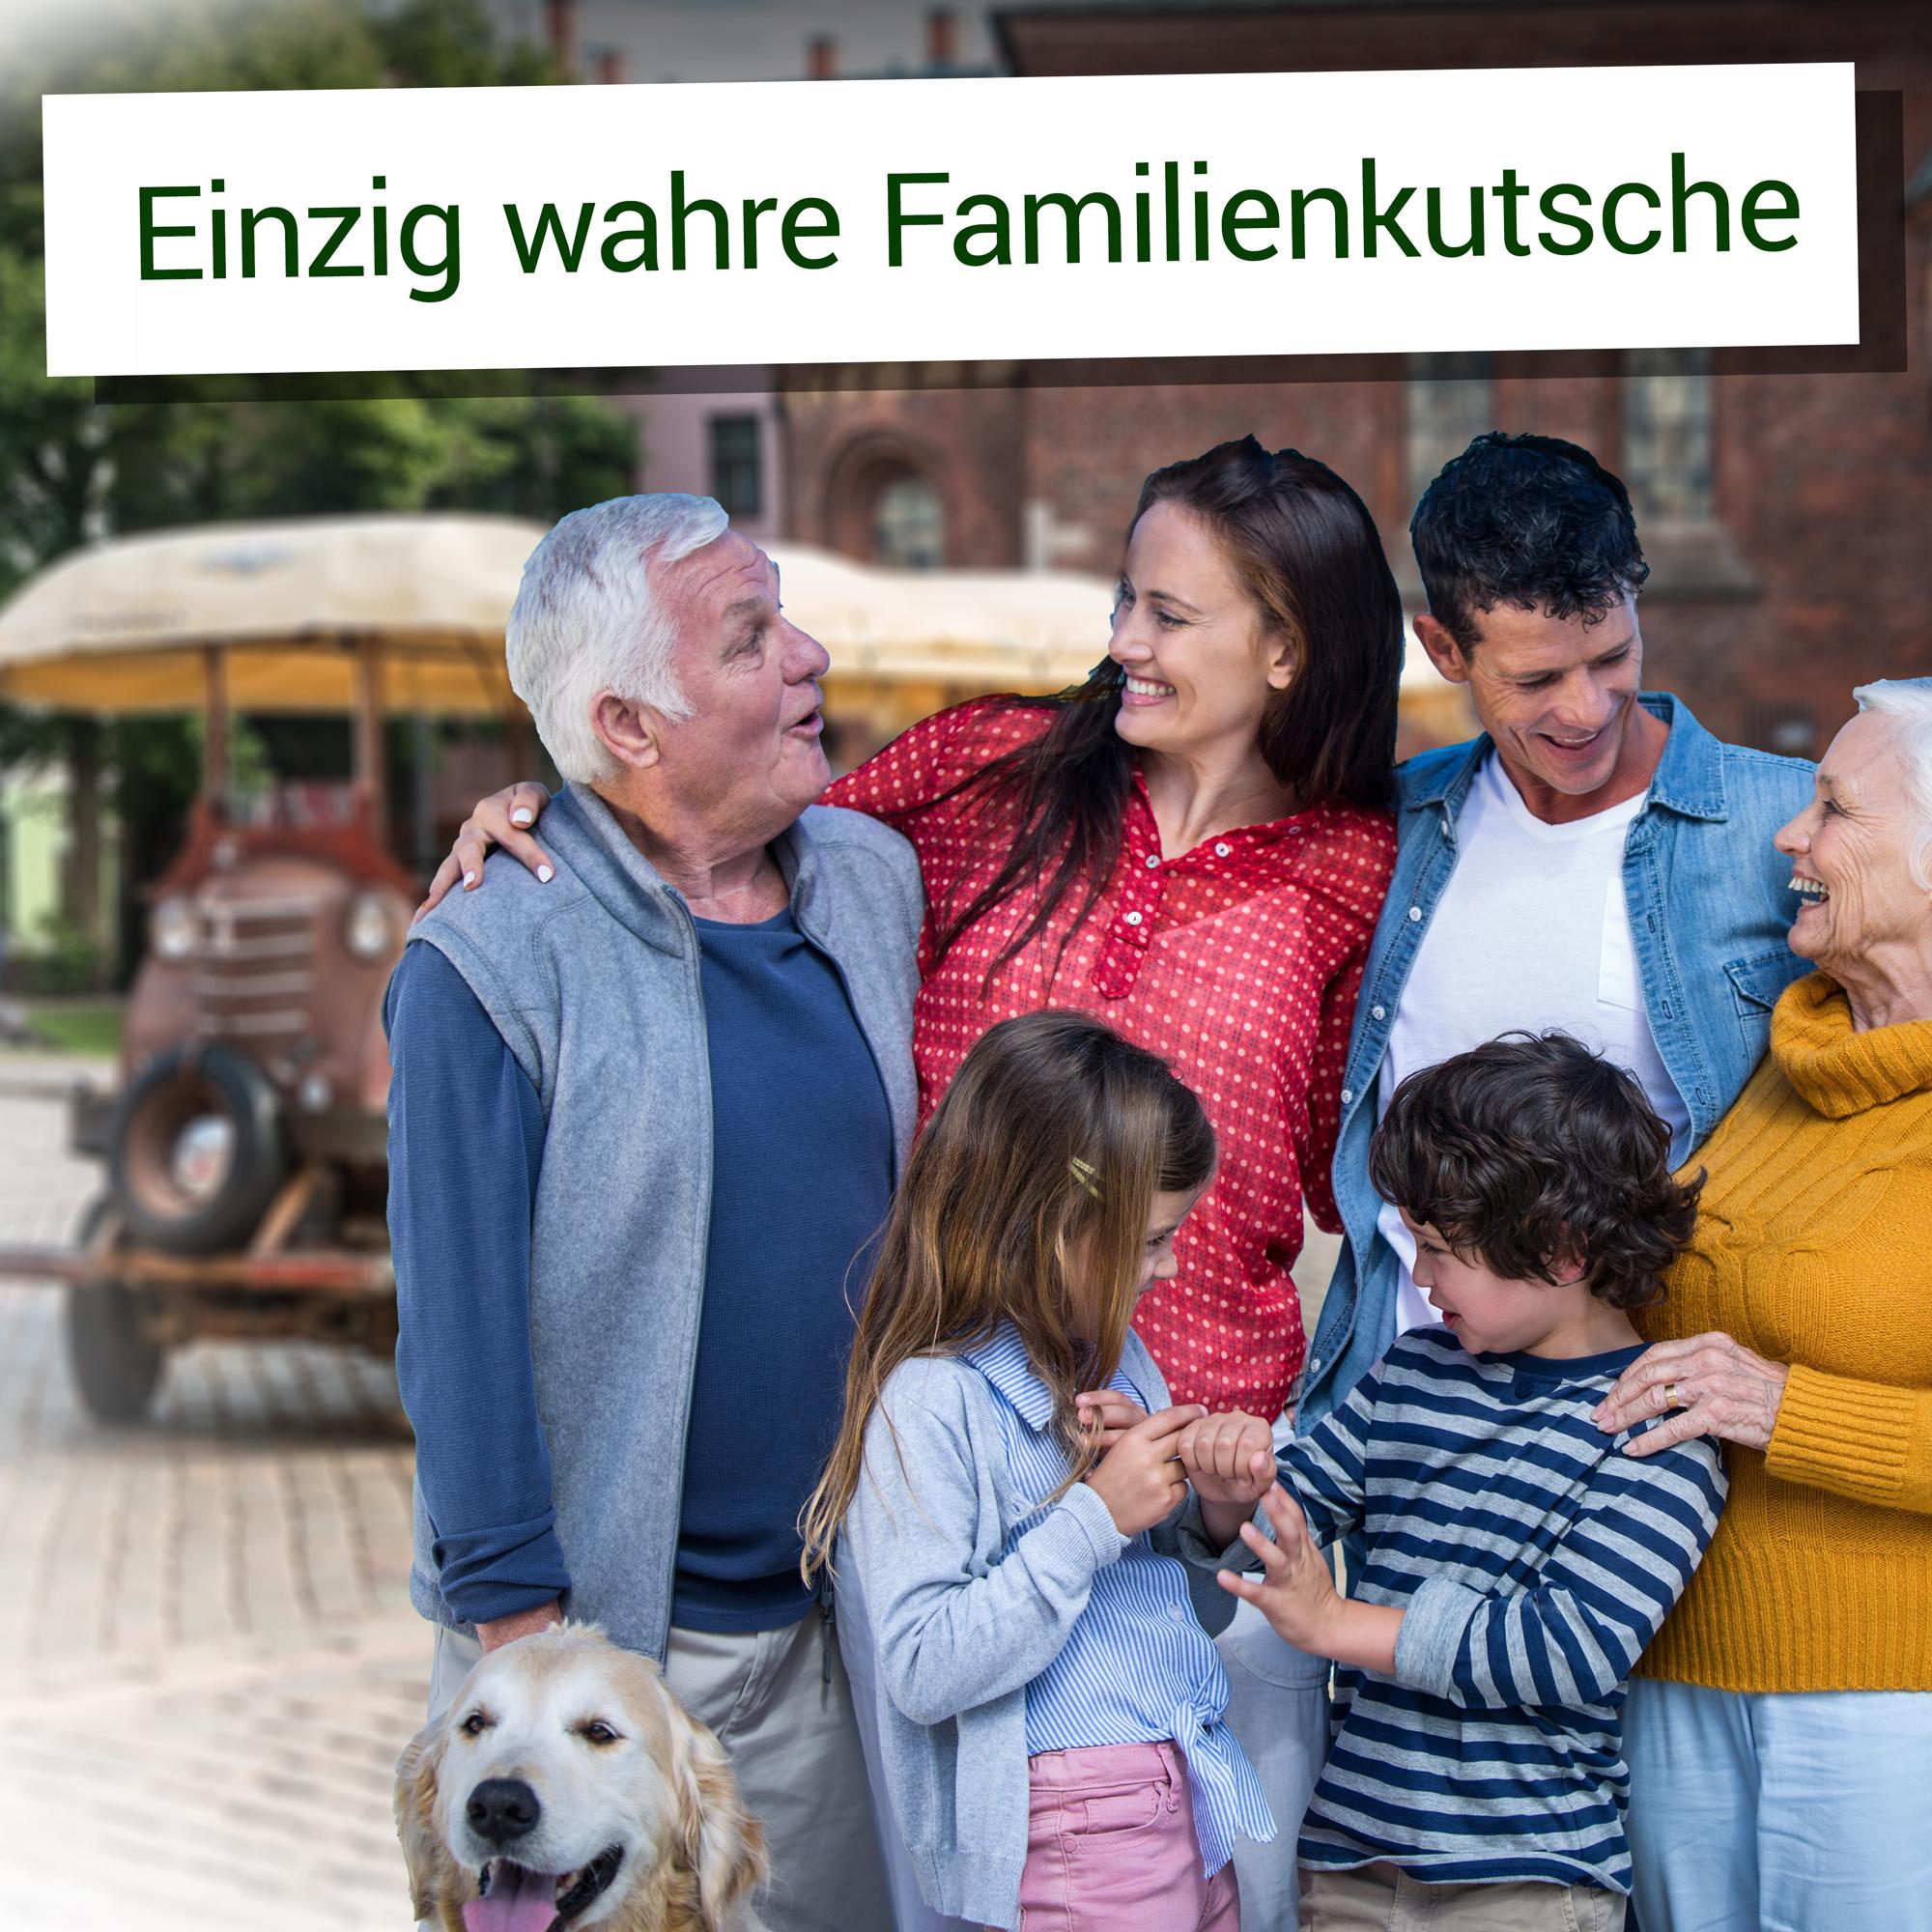 Euer eigenes Bierbike - Thekenfahrrad und Familienkutsche - 7